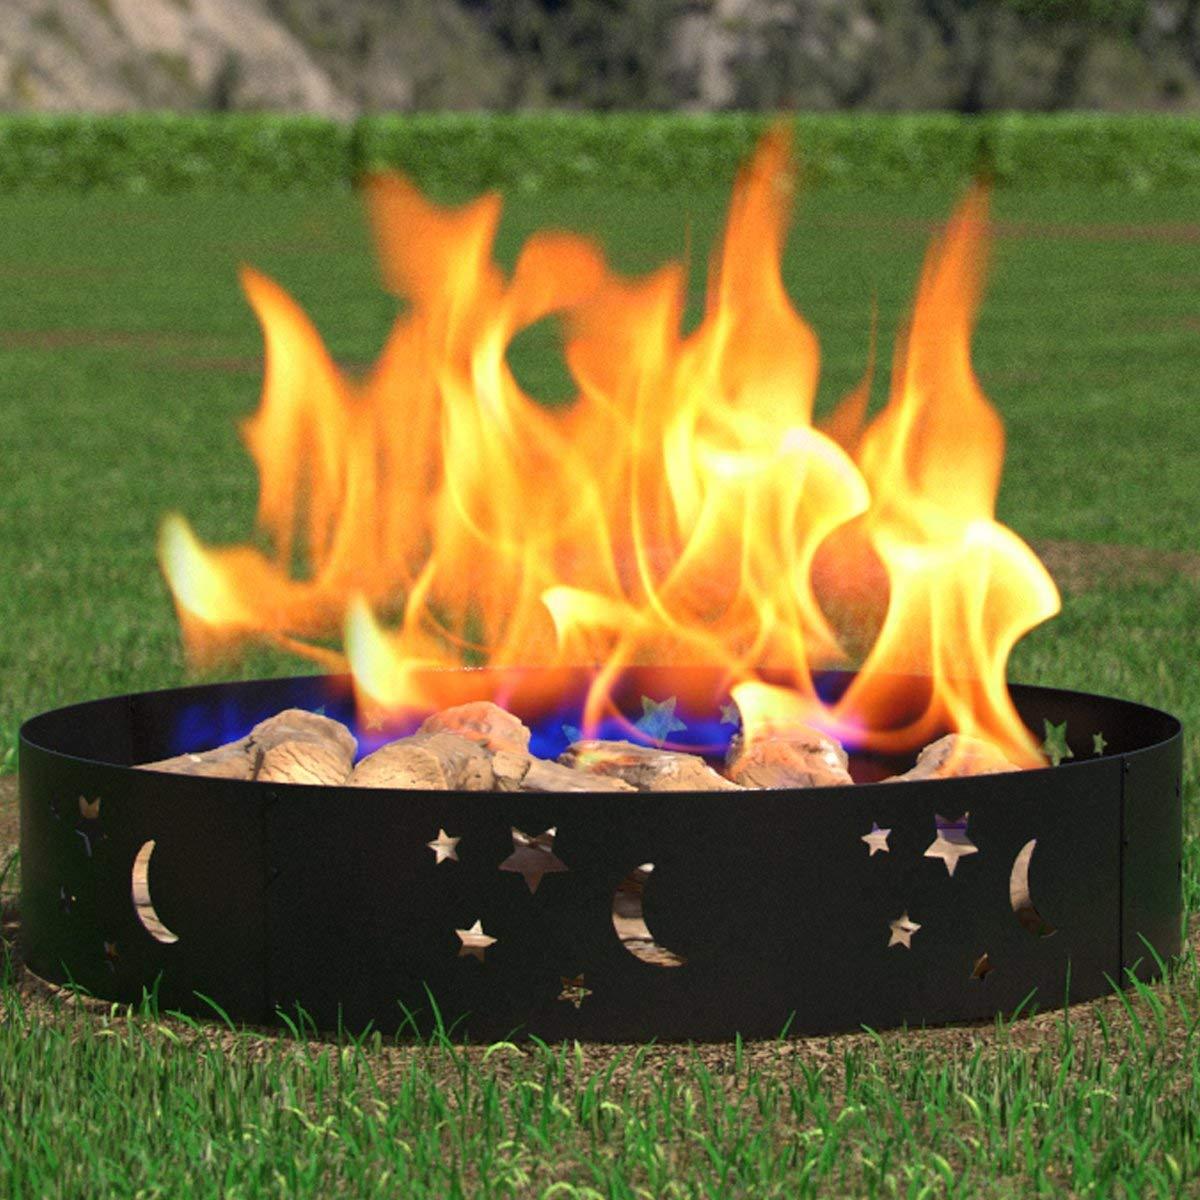 Regal Flame Saturn Sphere Outdoor Backyard Garden Home Light Fire Pit - Aged Bronze